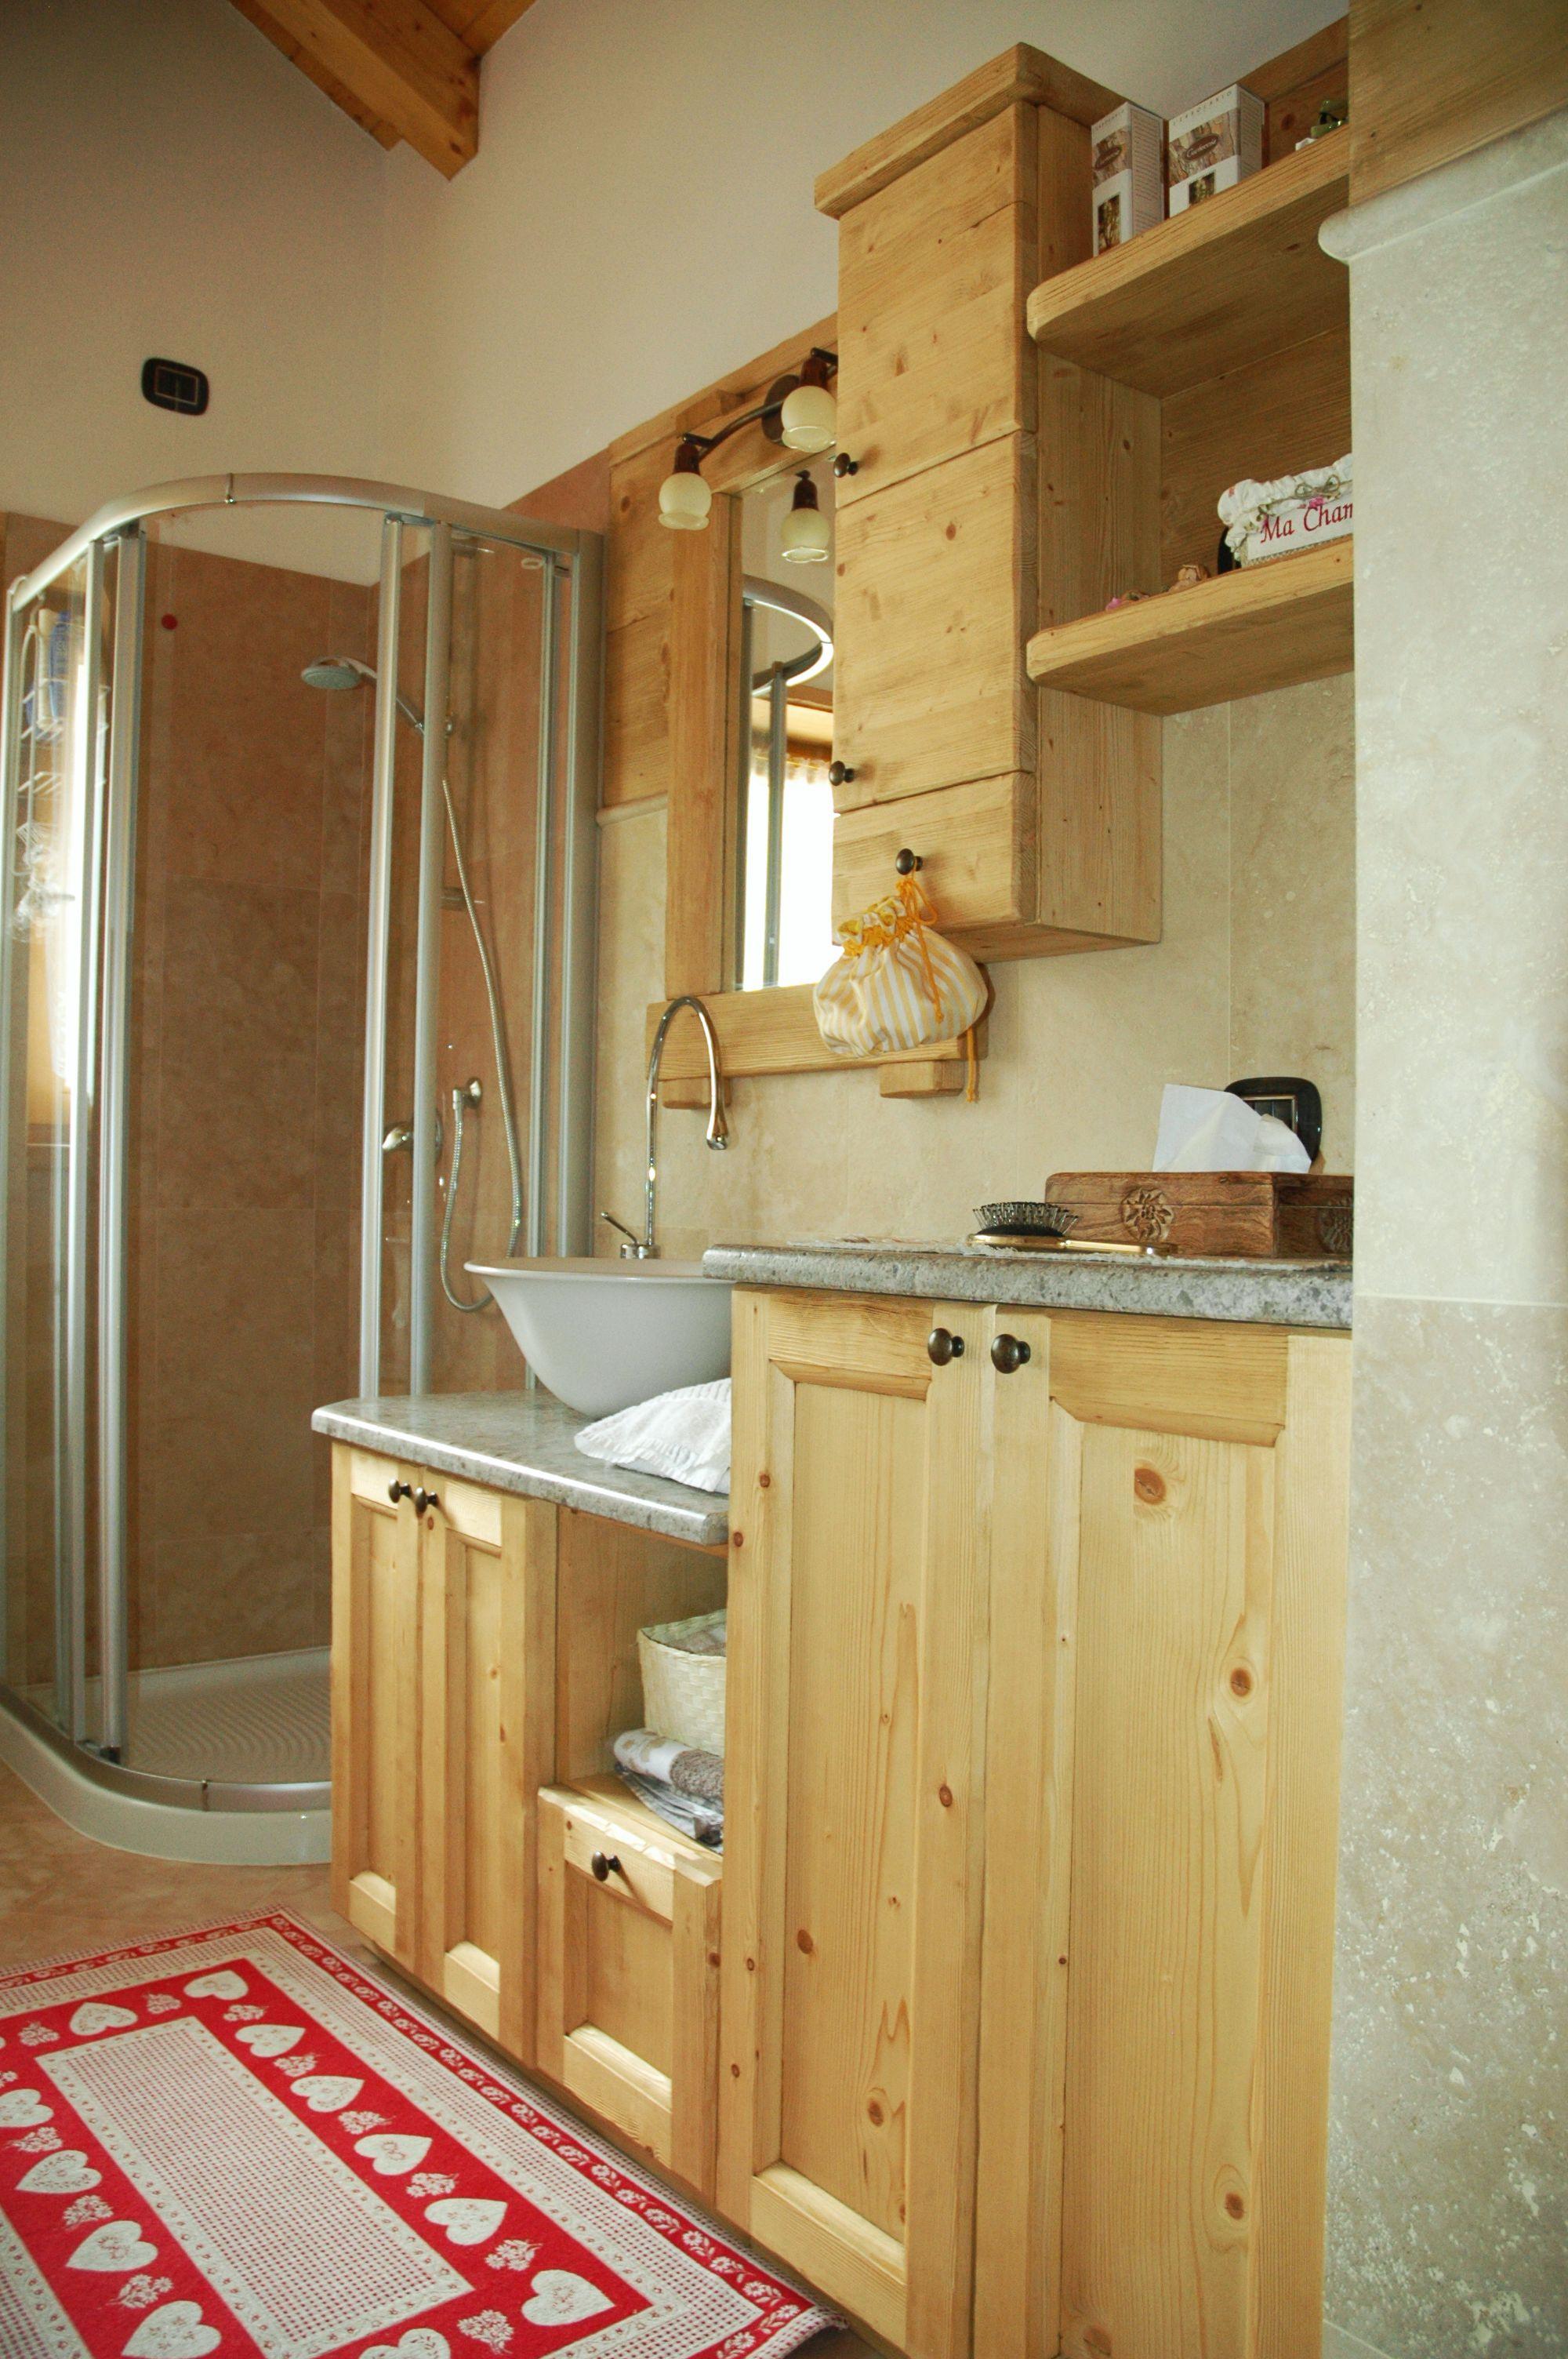 Il bagno la sgubia falegnameria artigianale a for Arredo bagno belluno